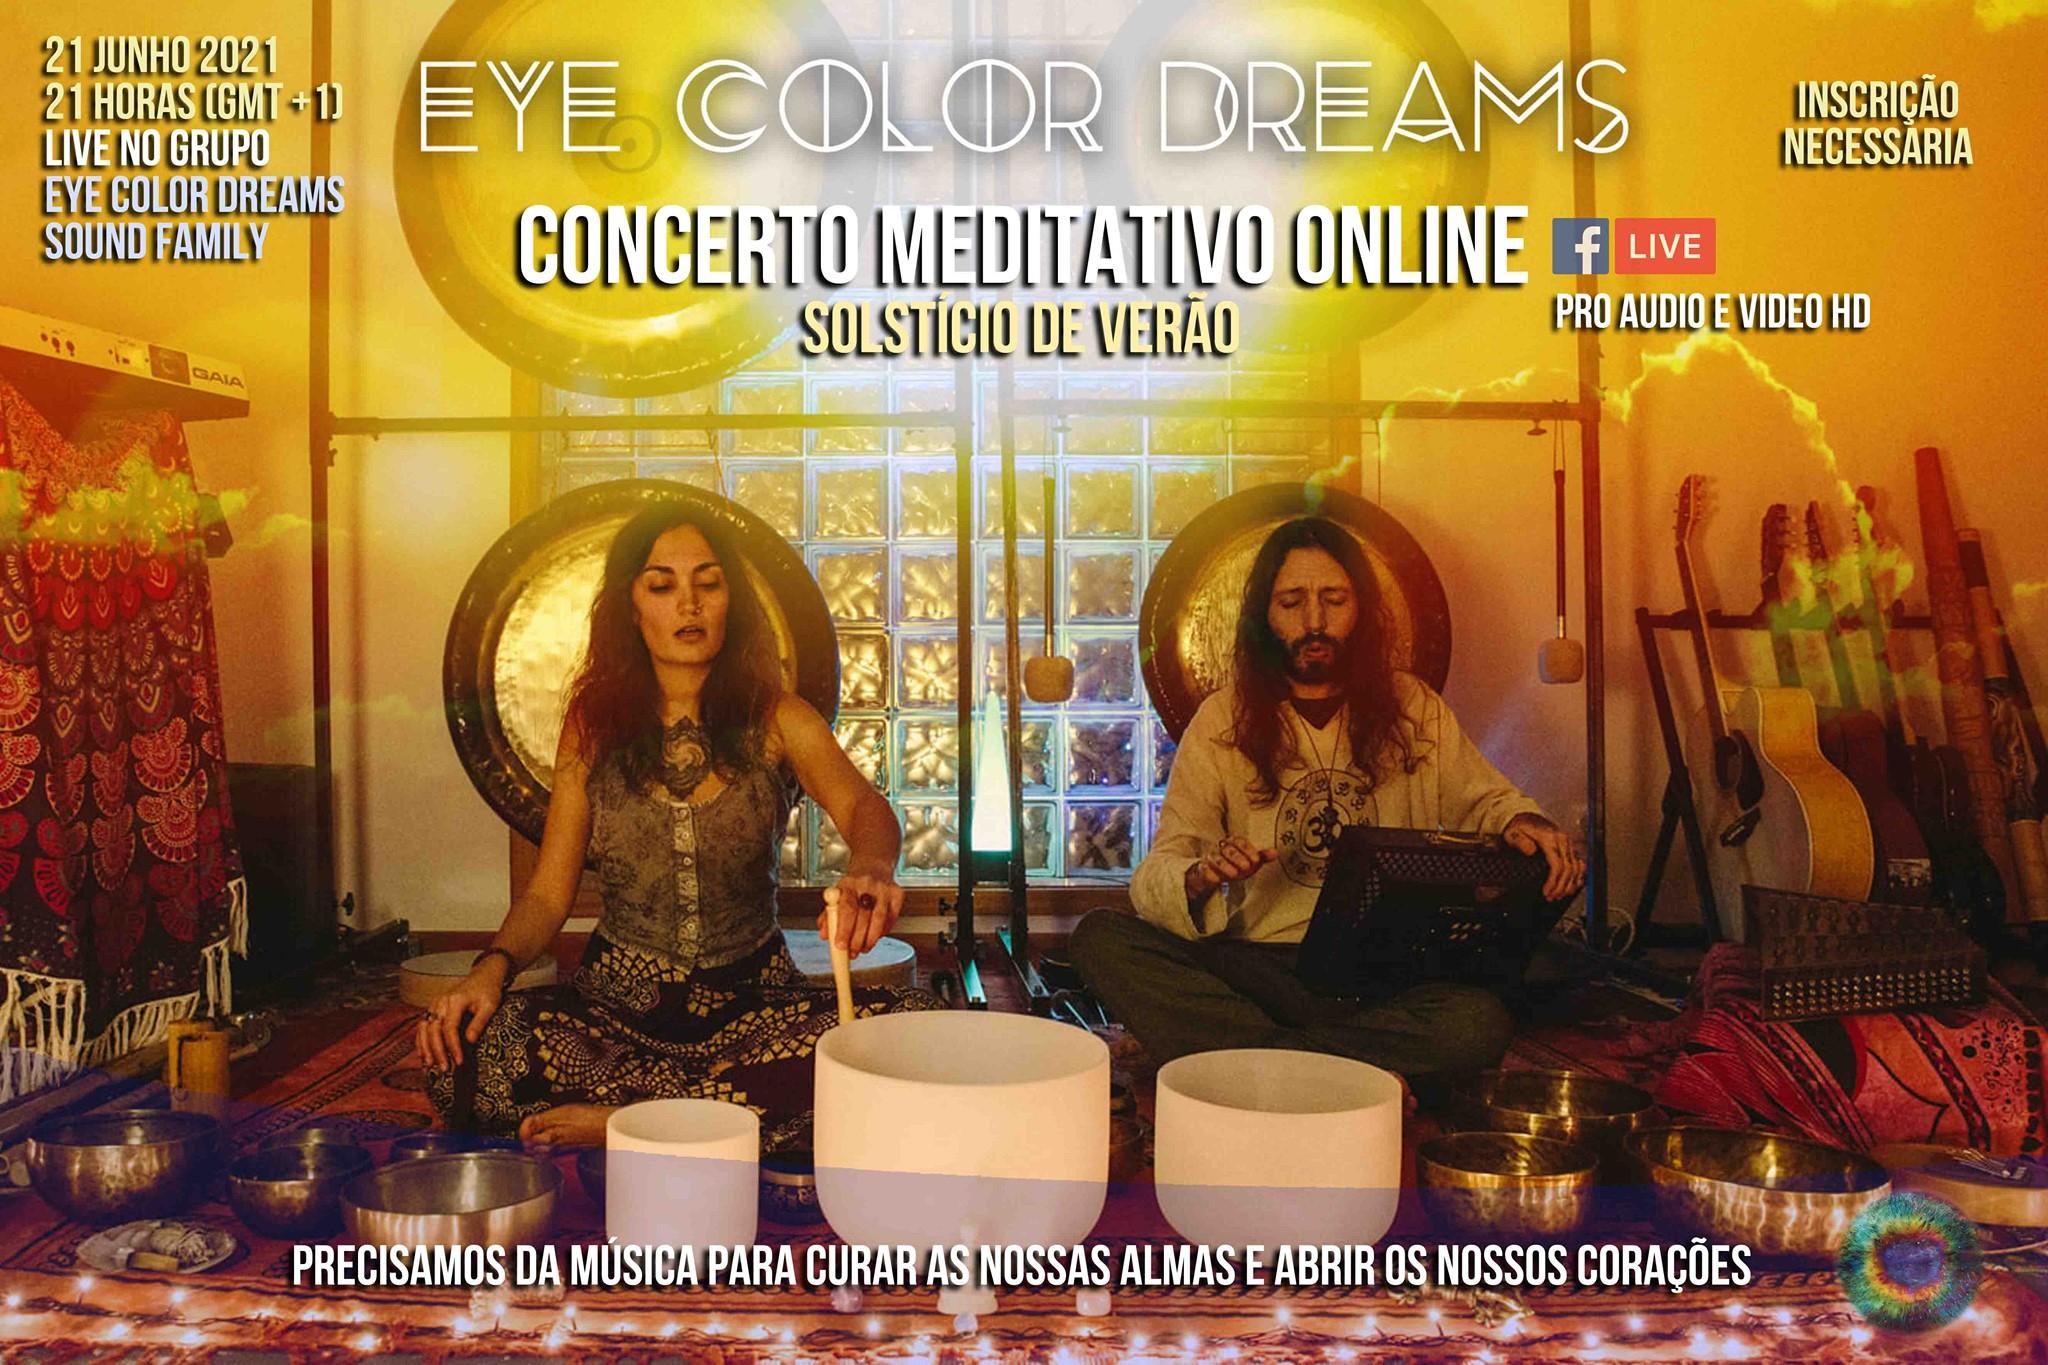 Concerto Meditativo Online (Solstício de Verão)